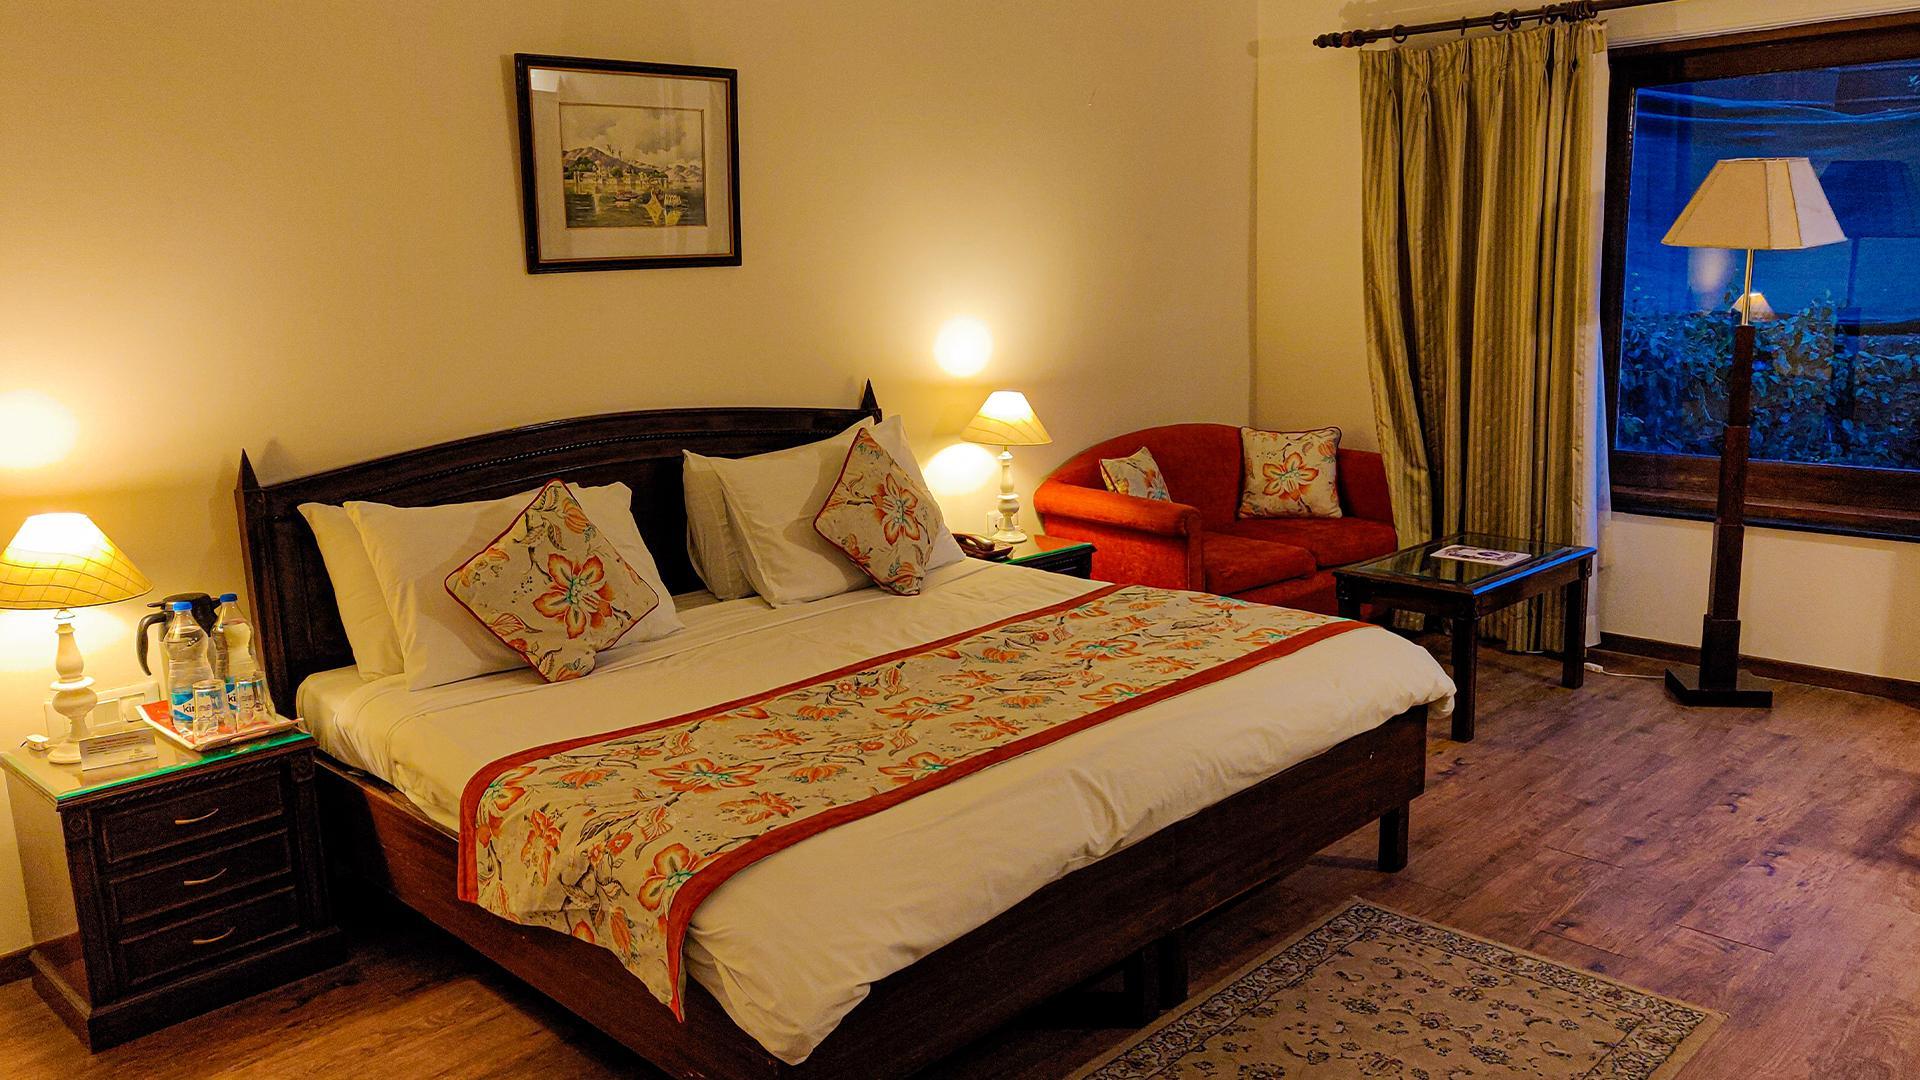 Superior Room image 1 at WelcomHeritage Kasmanda Palace Mussoorie by Dehradun, Uttarakhand, India